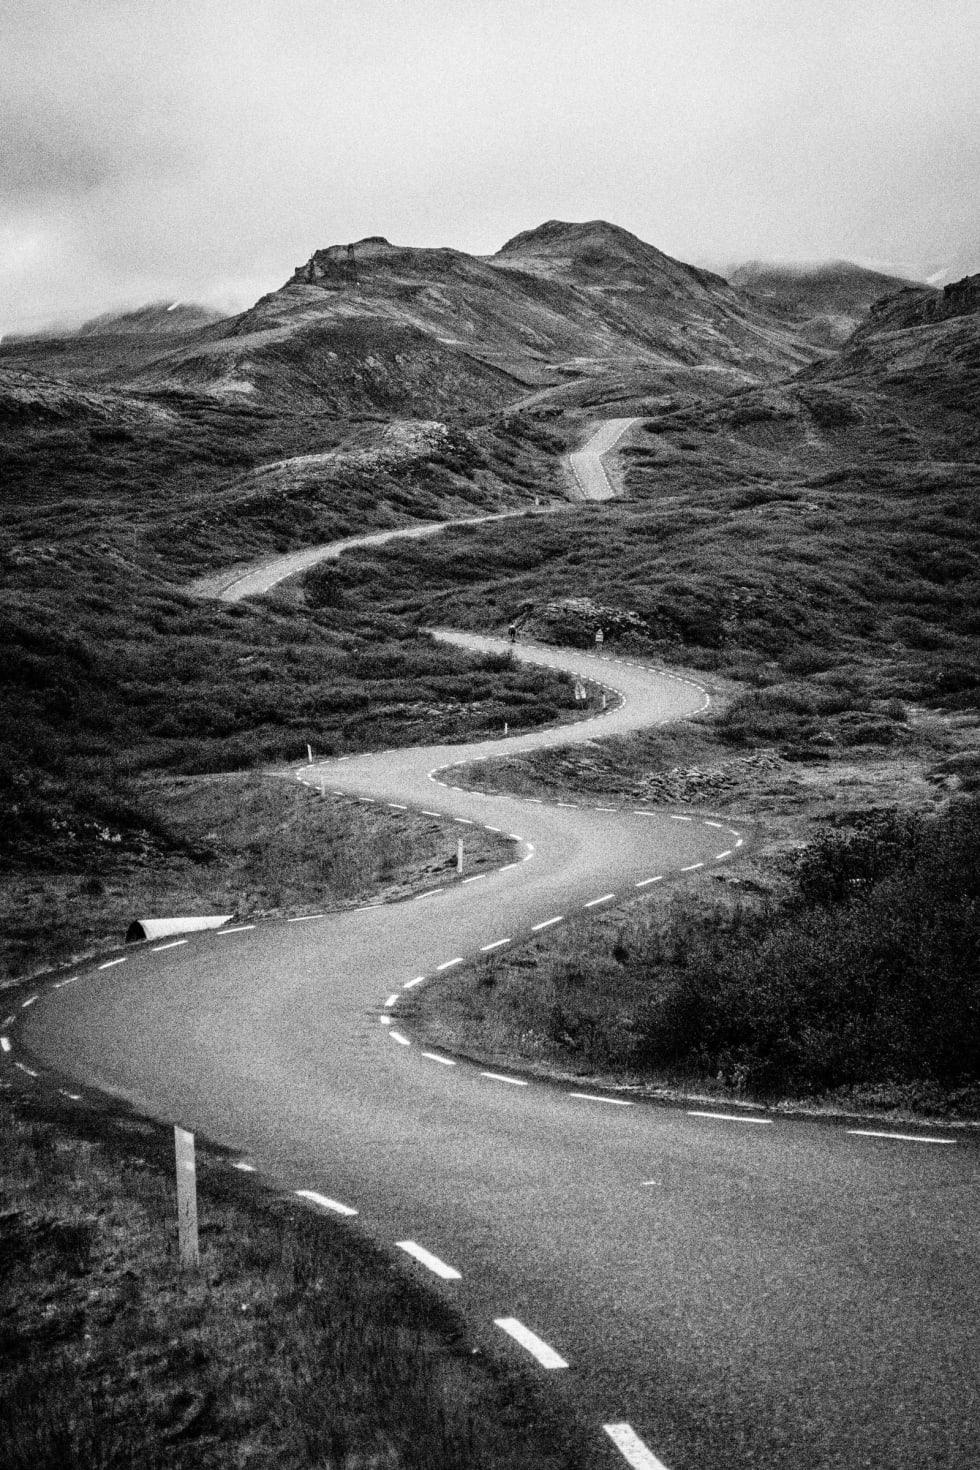 KRØLL PÅ KRØLL: Veiene rundt Thingvallavatn er stort sett svingløse, men den siste mila før returen gjennom fjellene er et svingparadis. Sabla bratt, sådan.